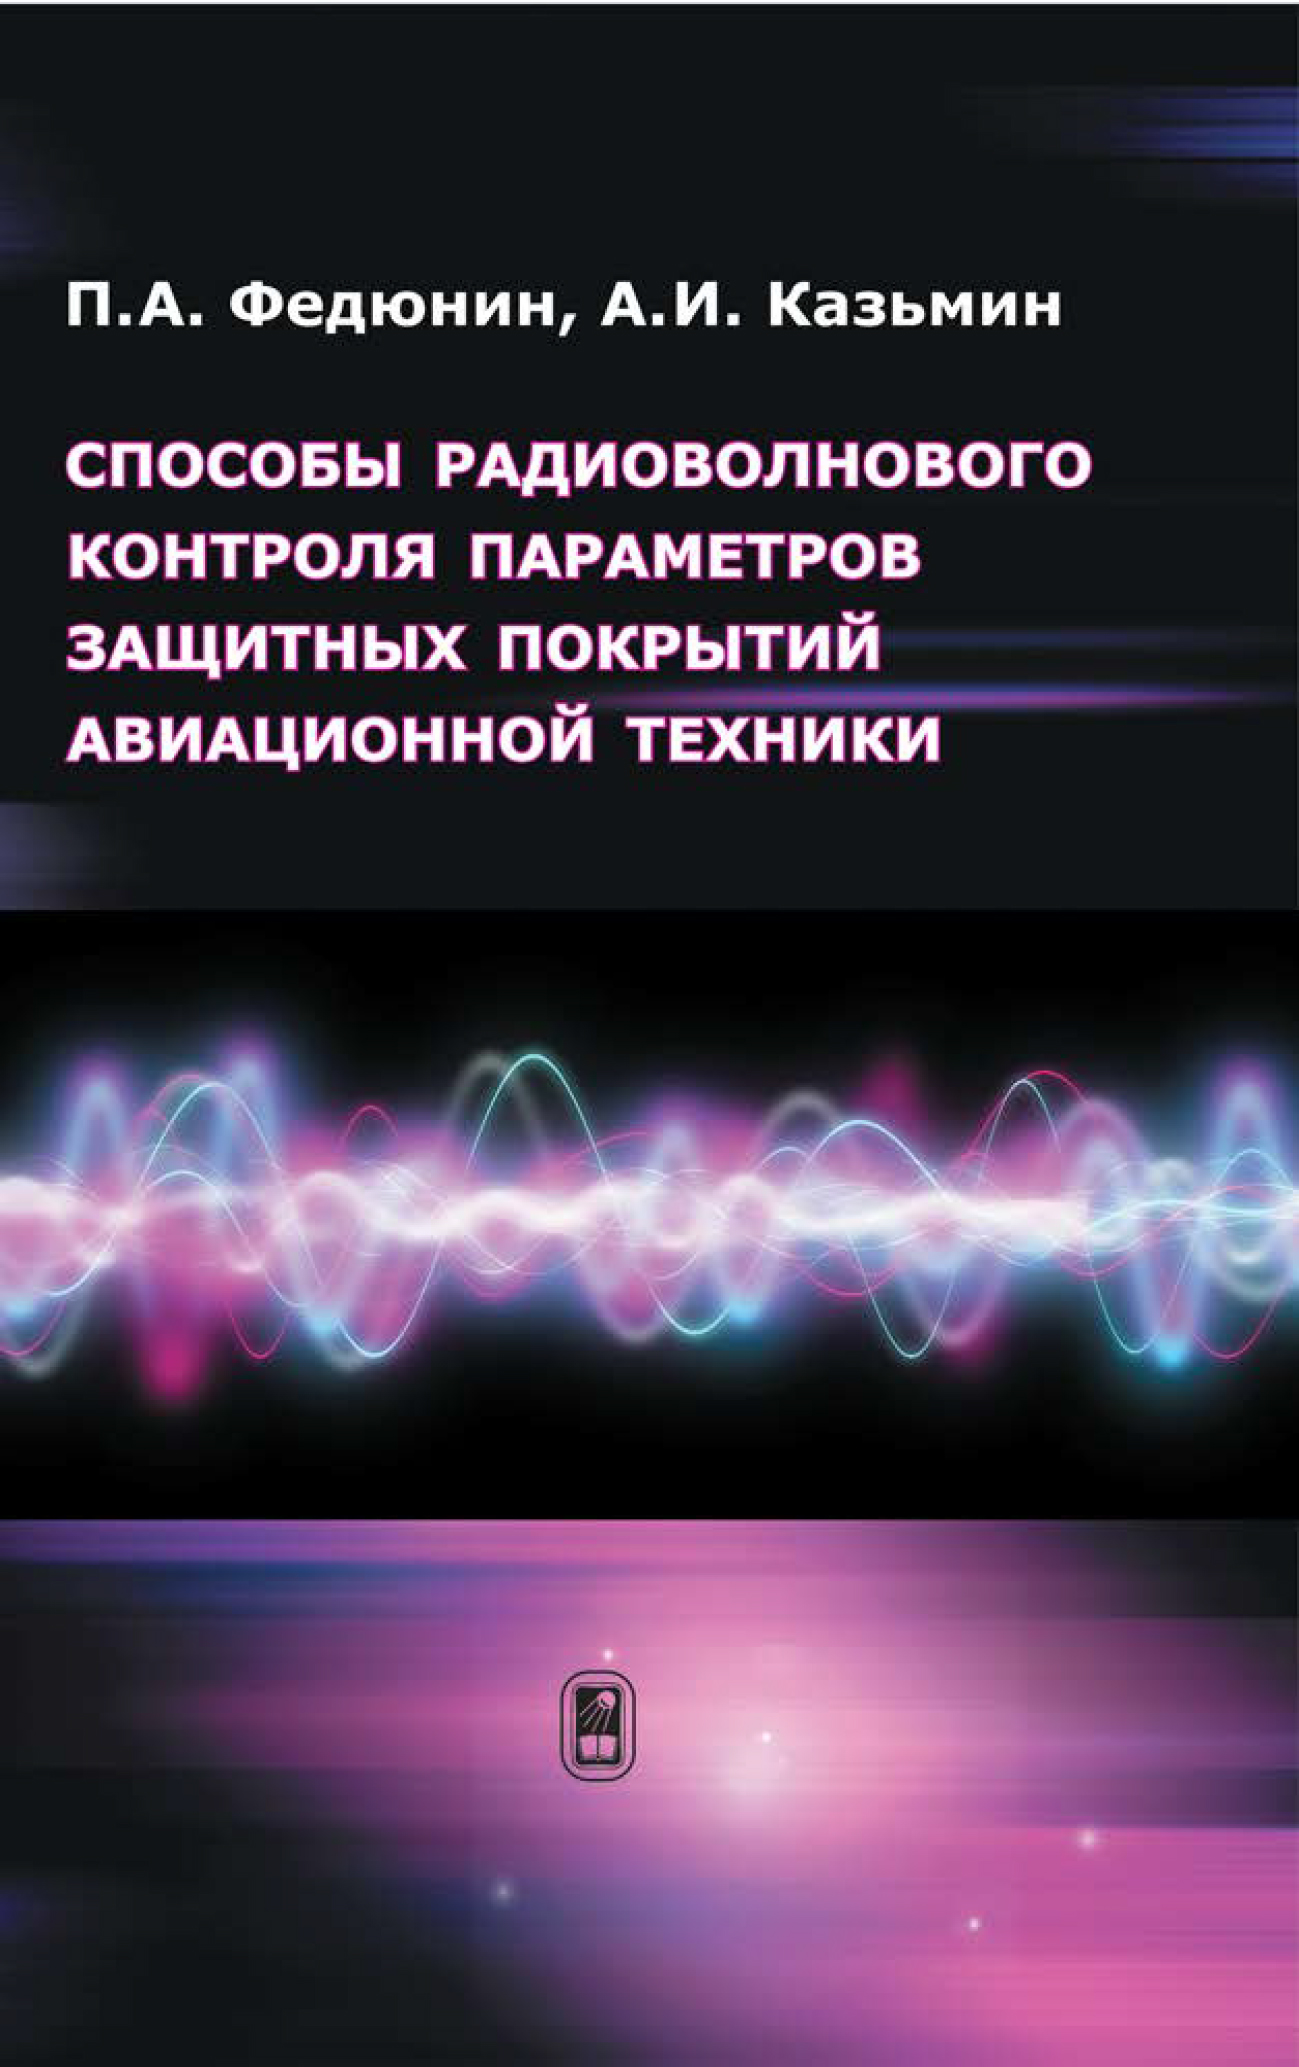 Александр Казьмин Способы радиоволнового контроля параметров защитных покрытий авиационной техники